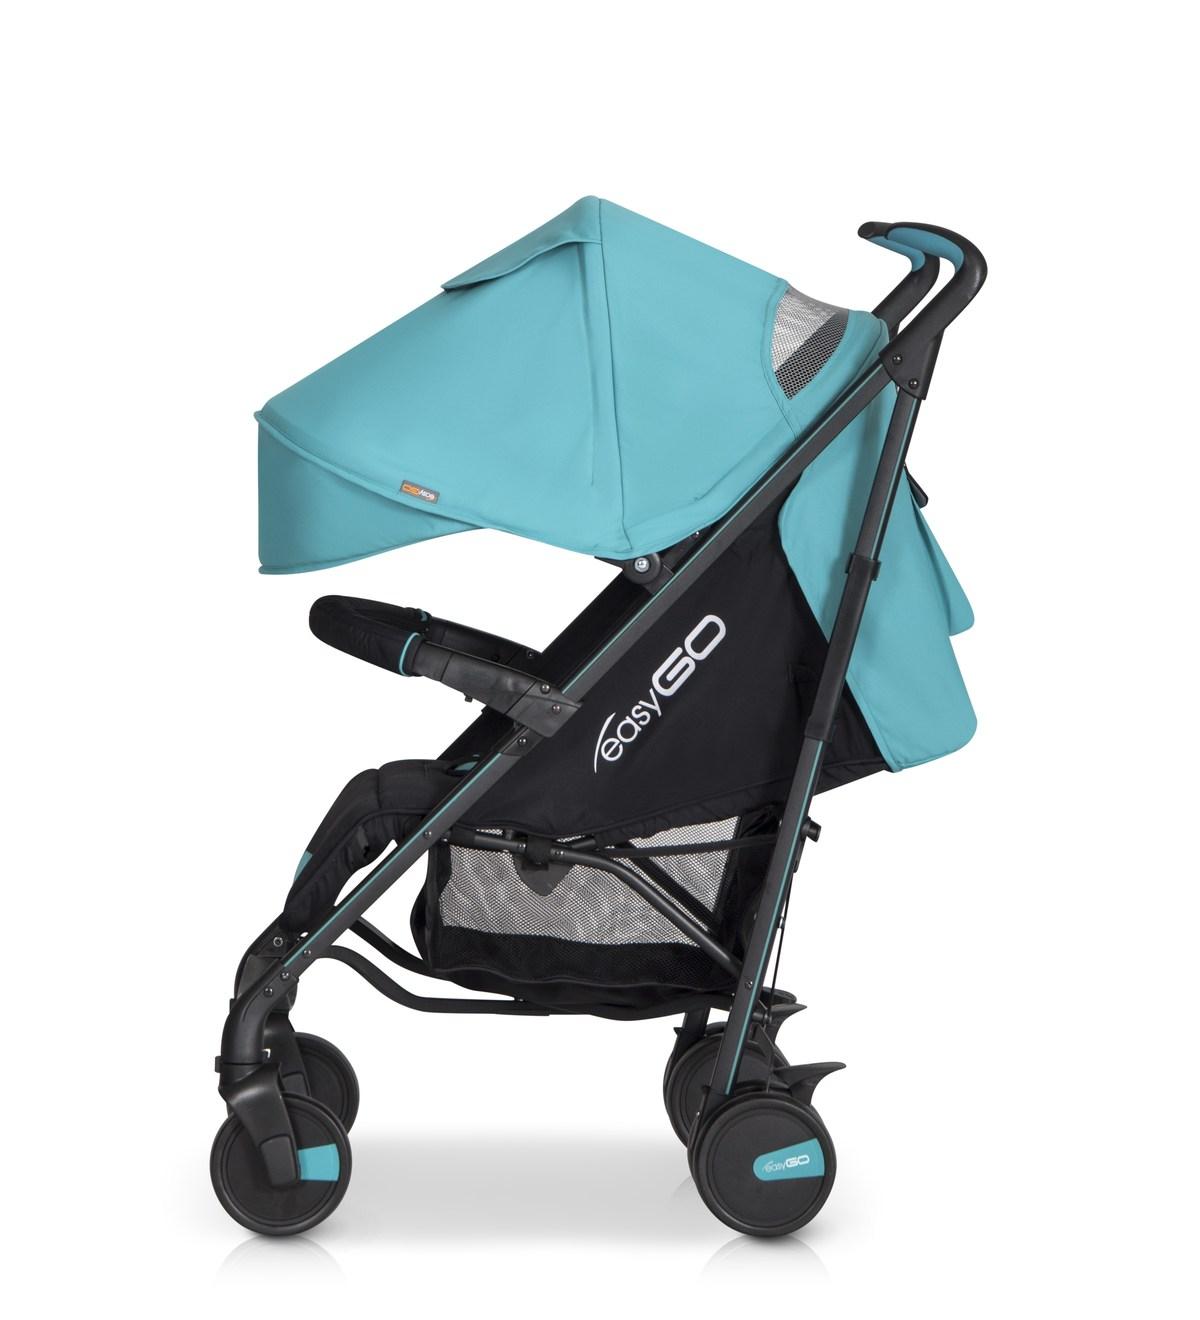 Kompaktowy wózek spacerowy Nitro Easy Go - typu parasolka